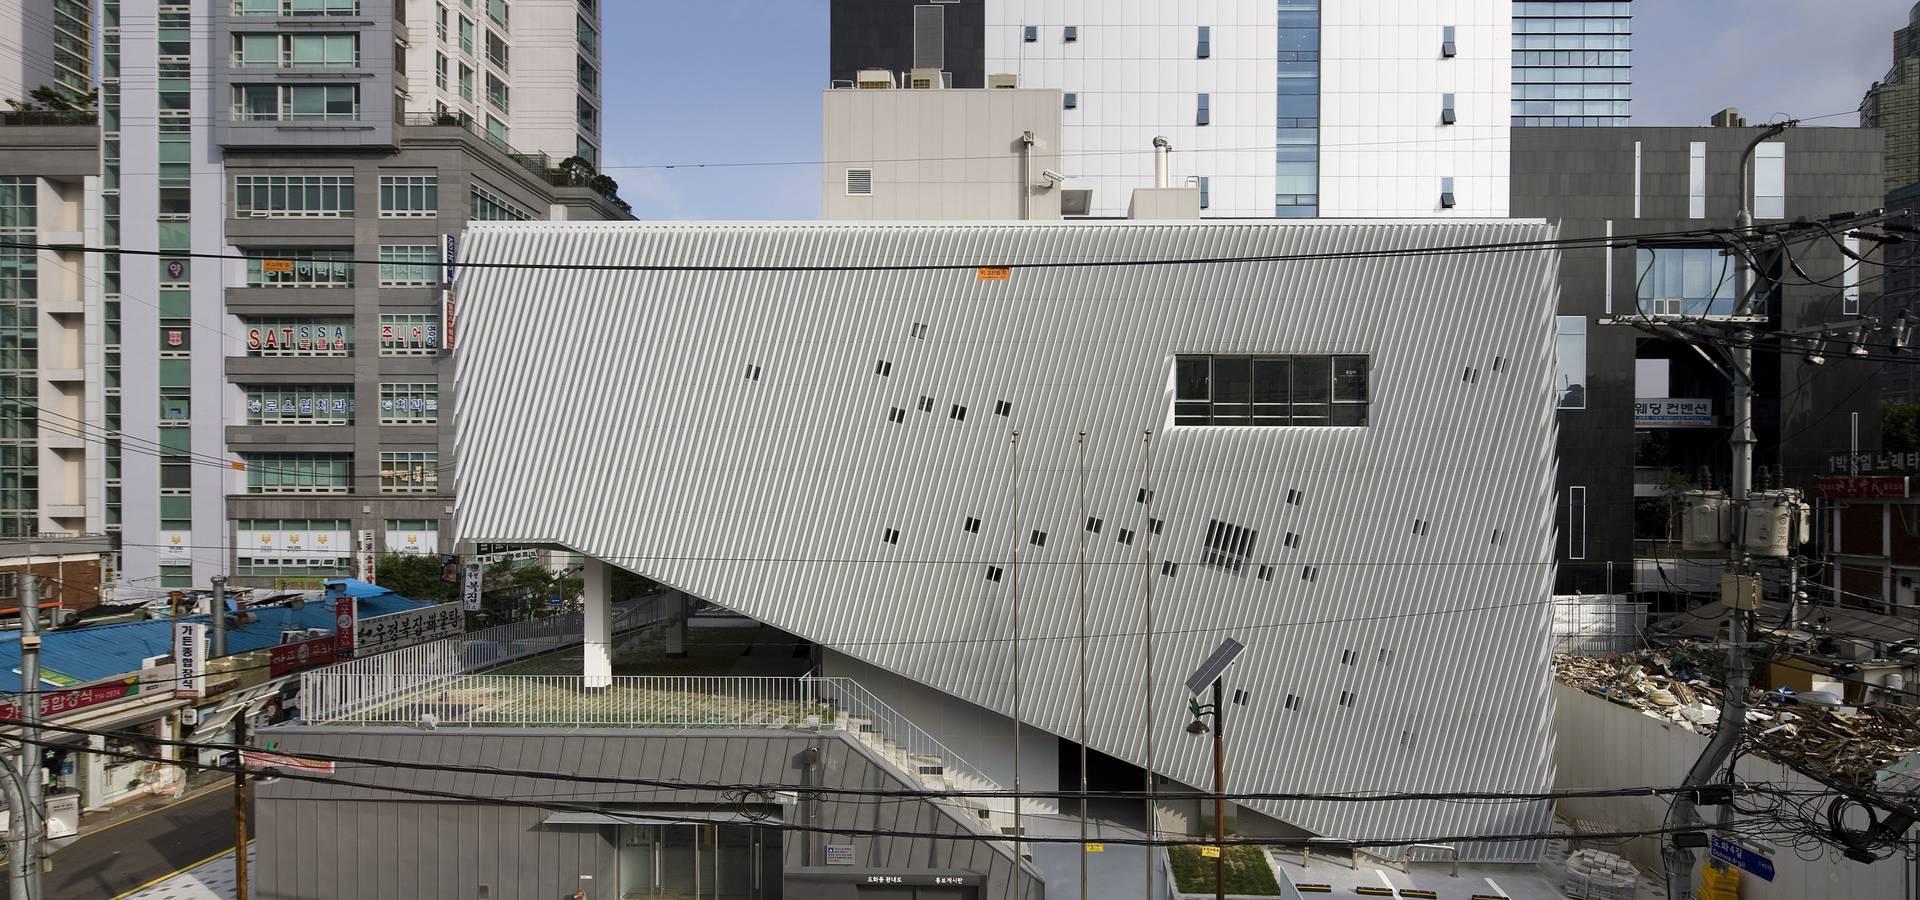 인터커드 건축사사무소